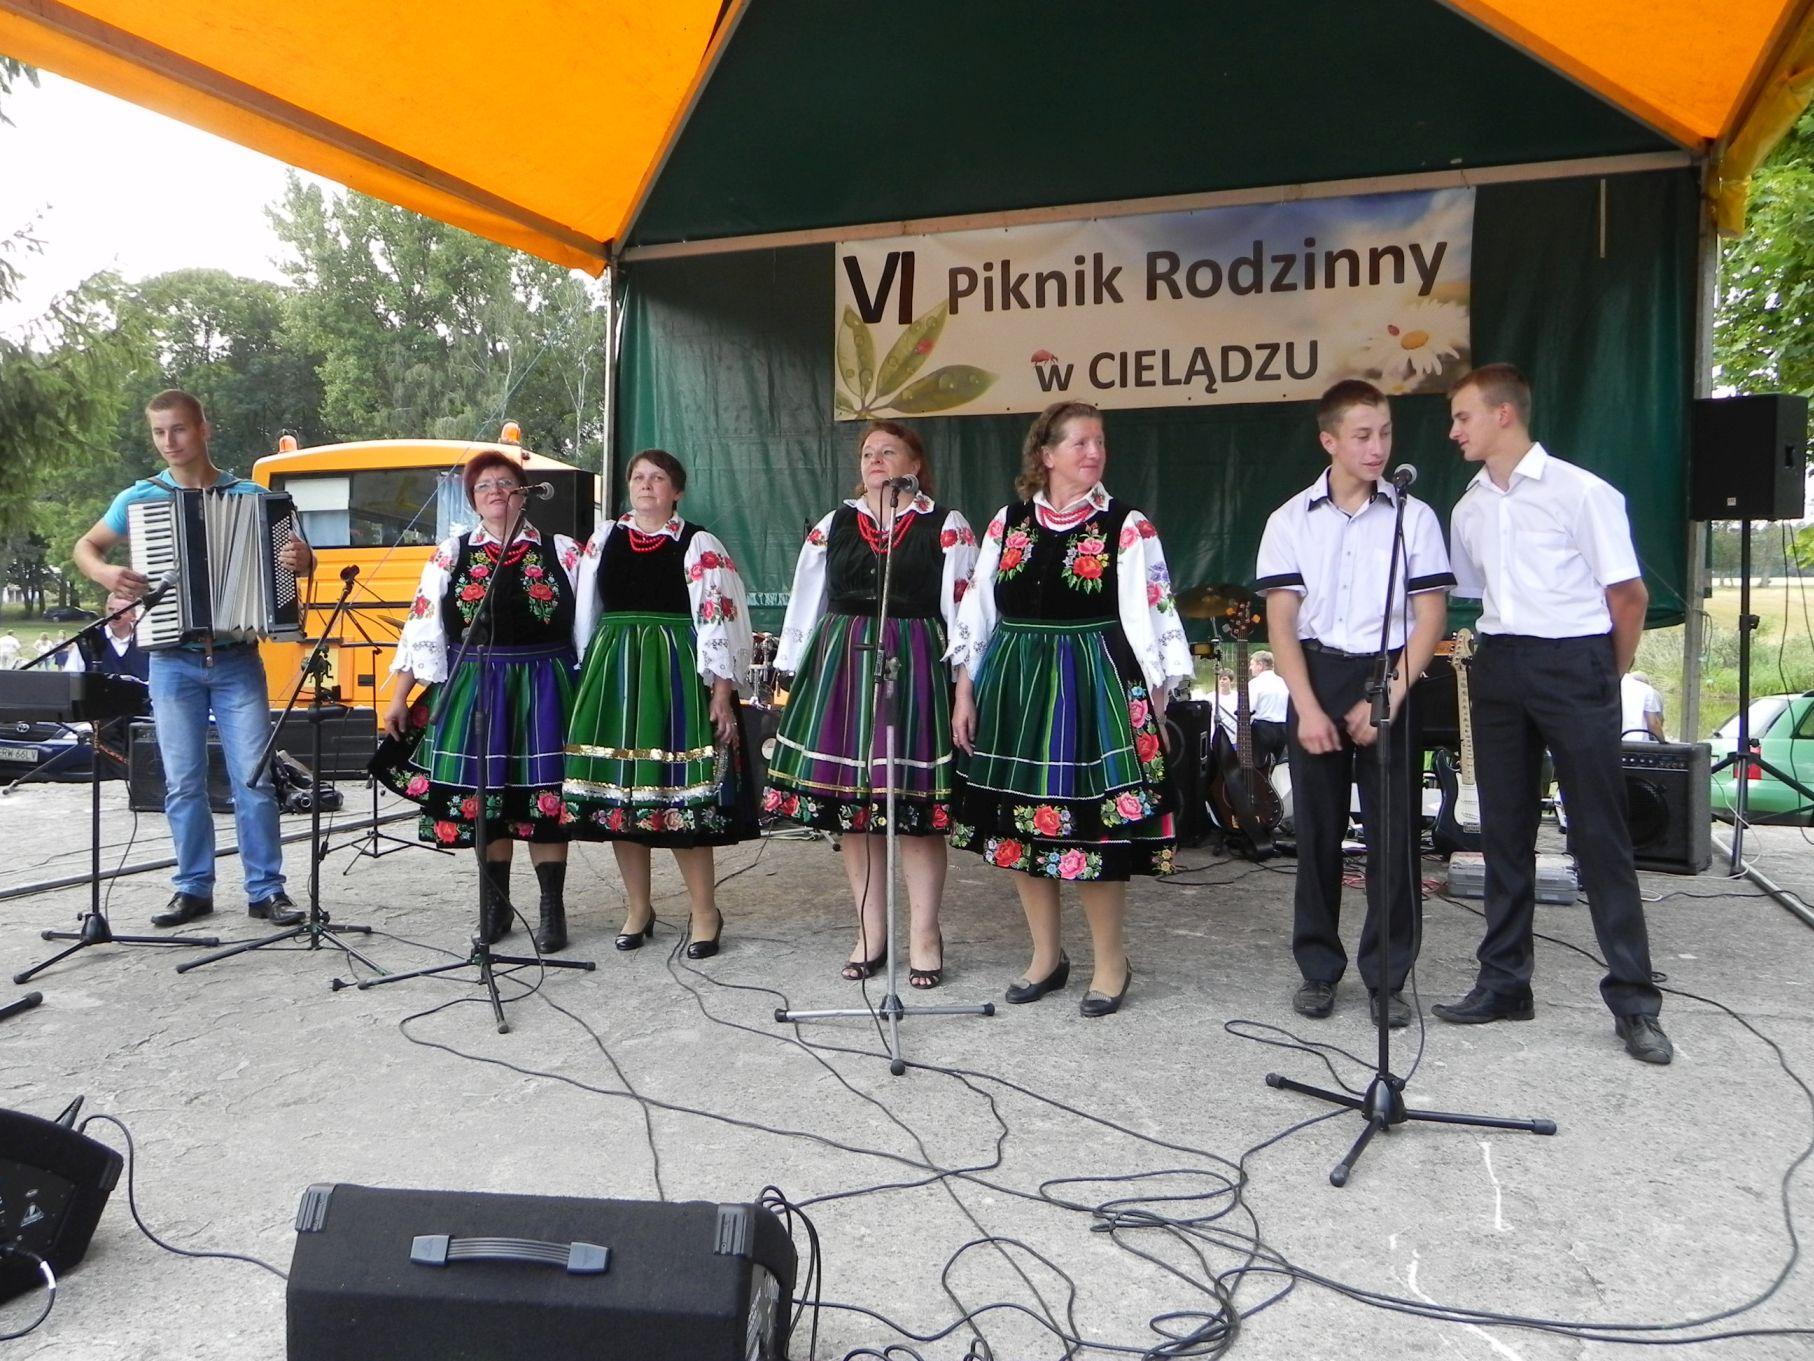 2013-08-18 Cielądz piknik (72)